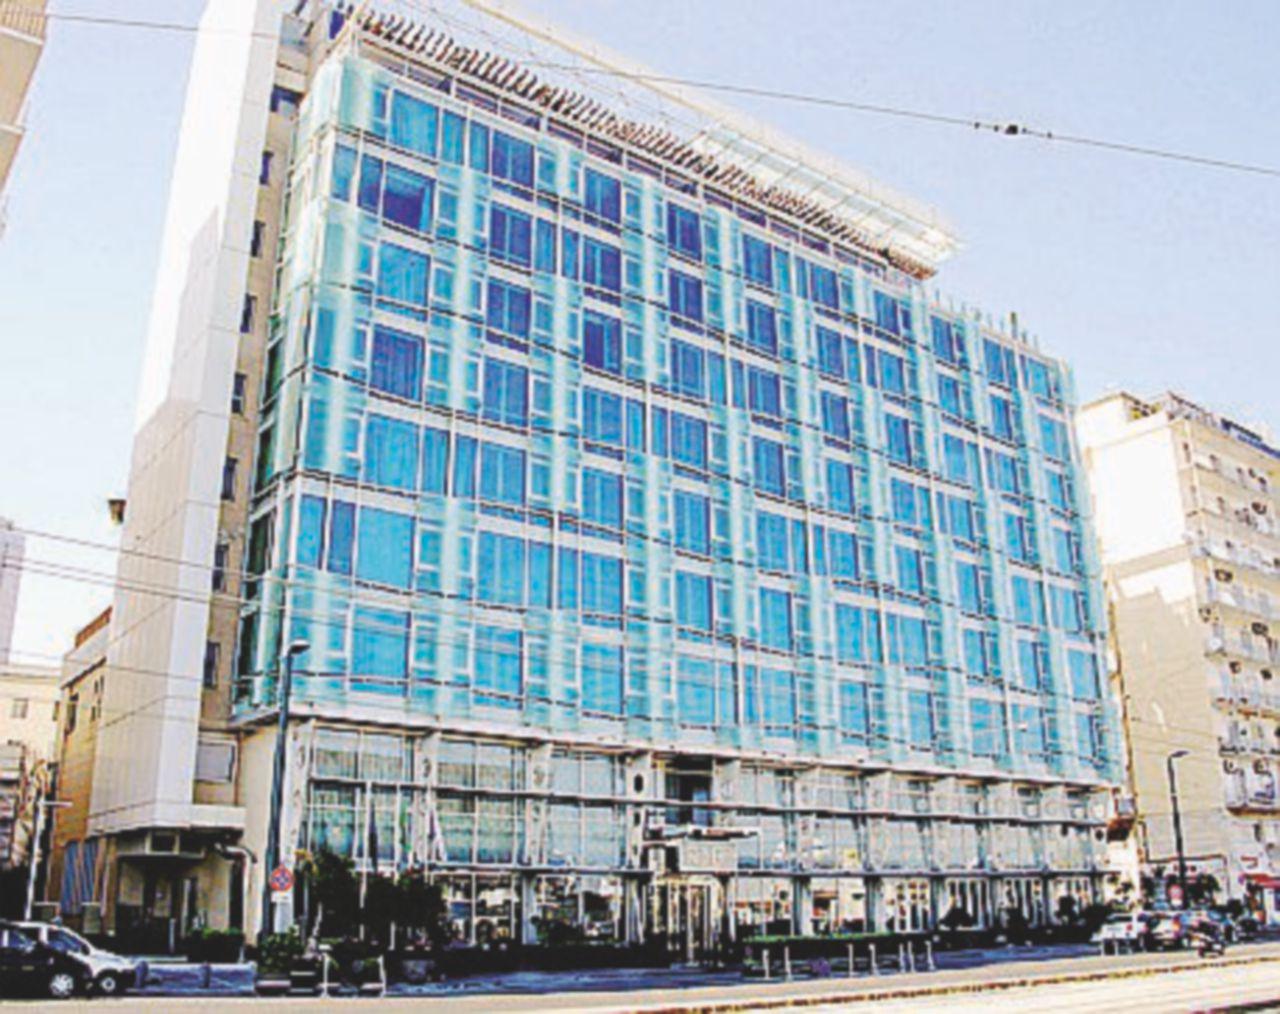 Romeo, nessun abuso edilizio per l'albergo extra-lusso: sono assolti tutti gli imputati